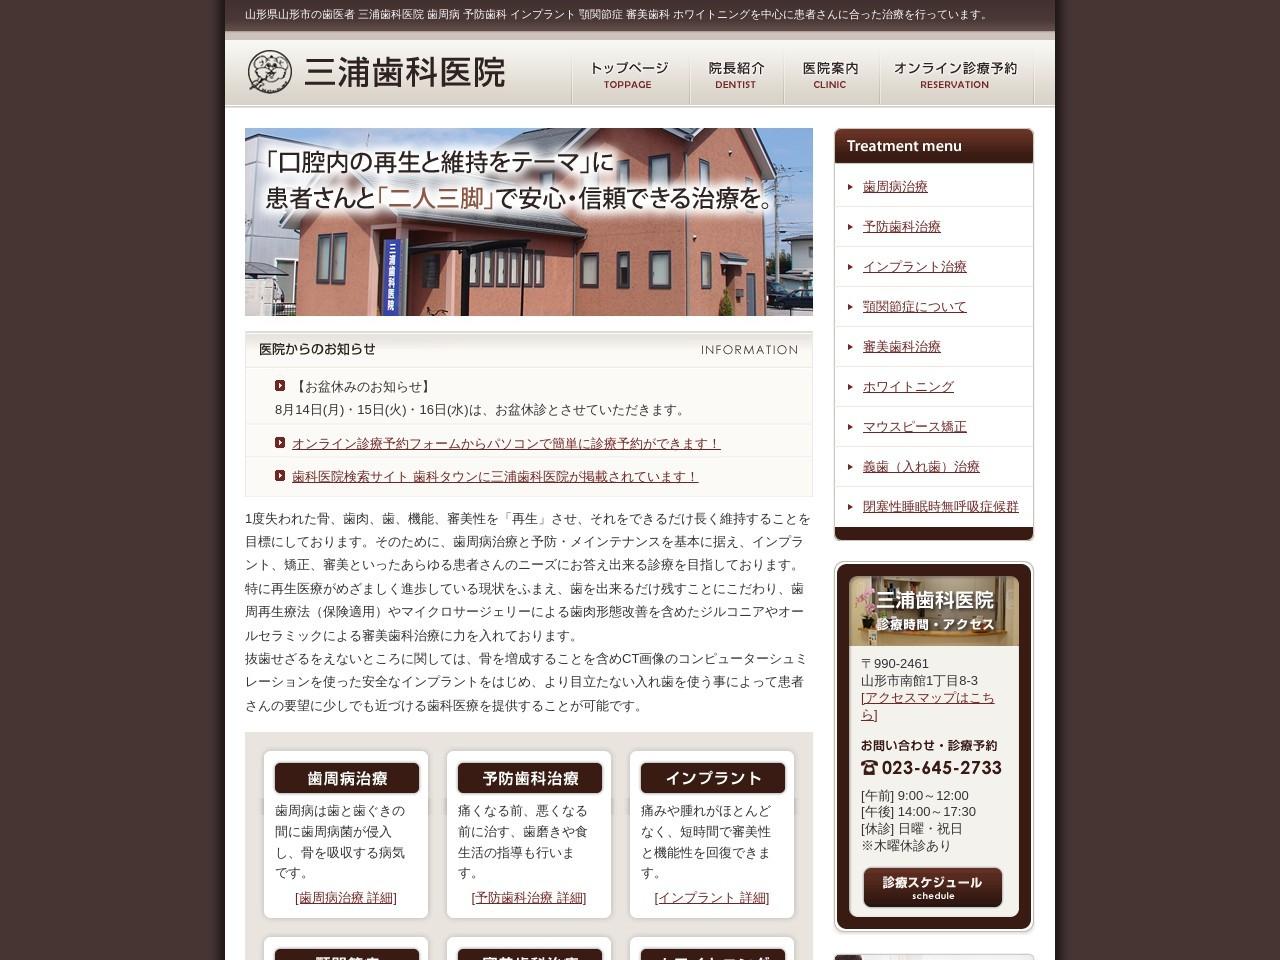 三浦歯科医院 (山形県山形市)